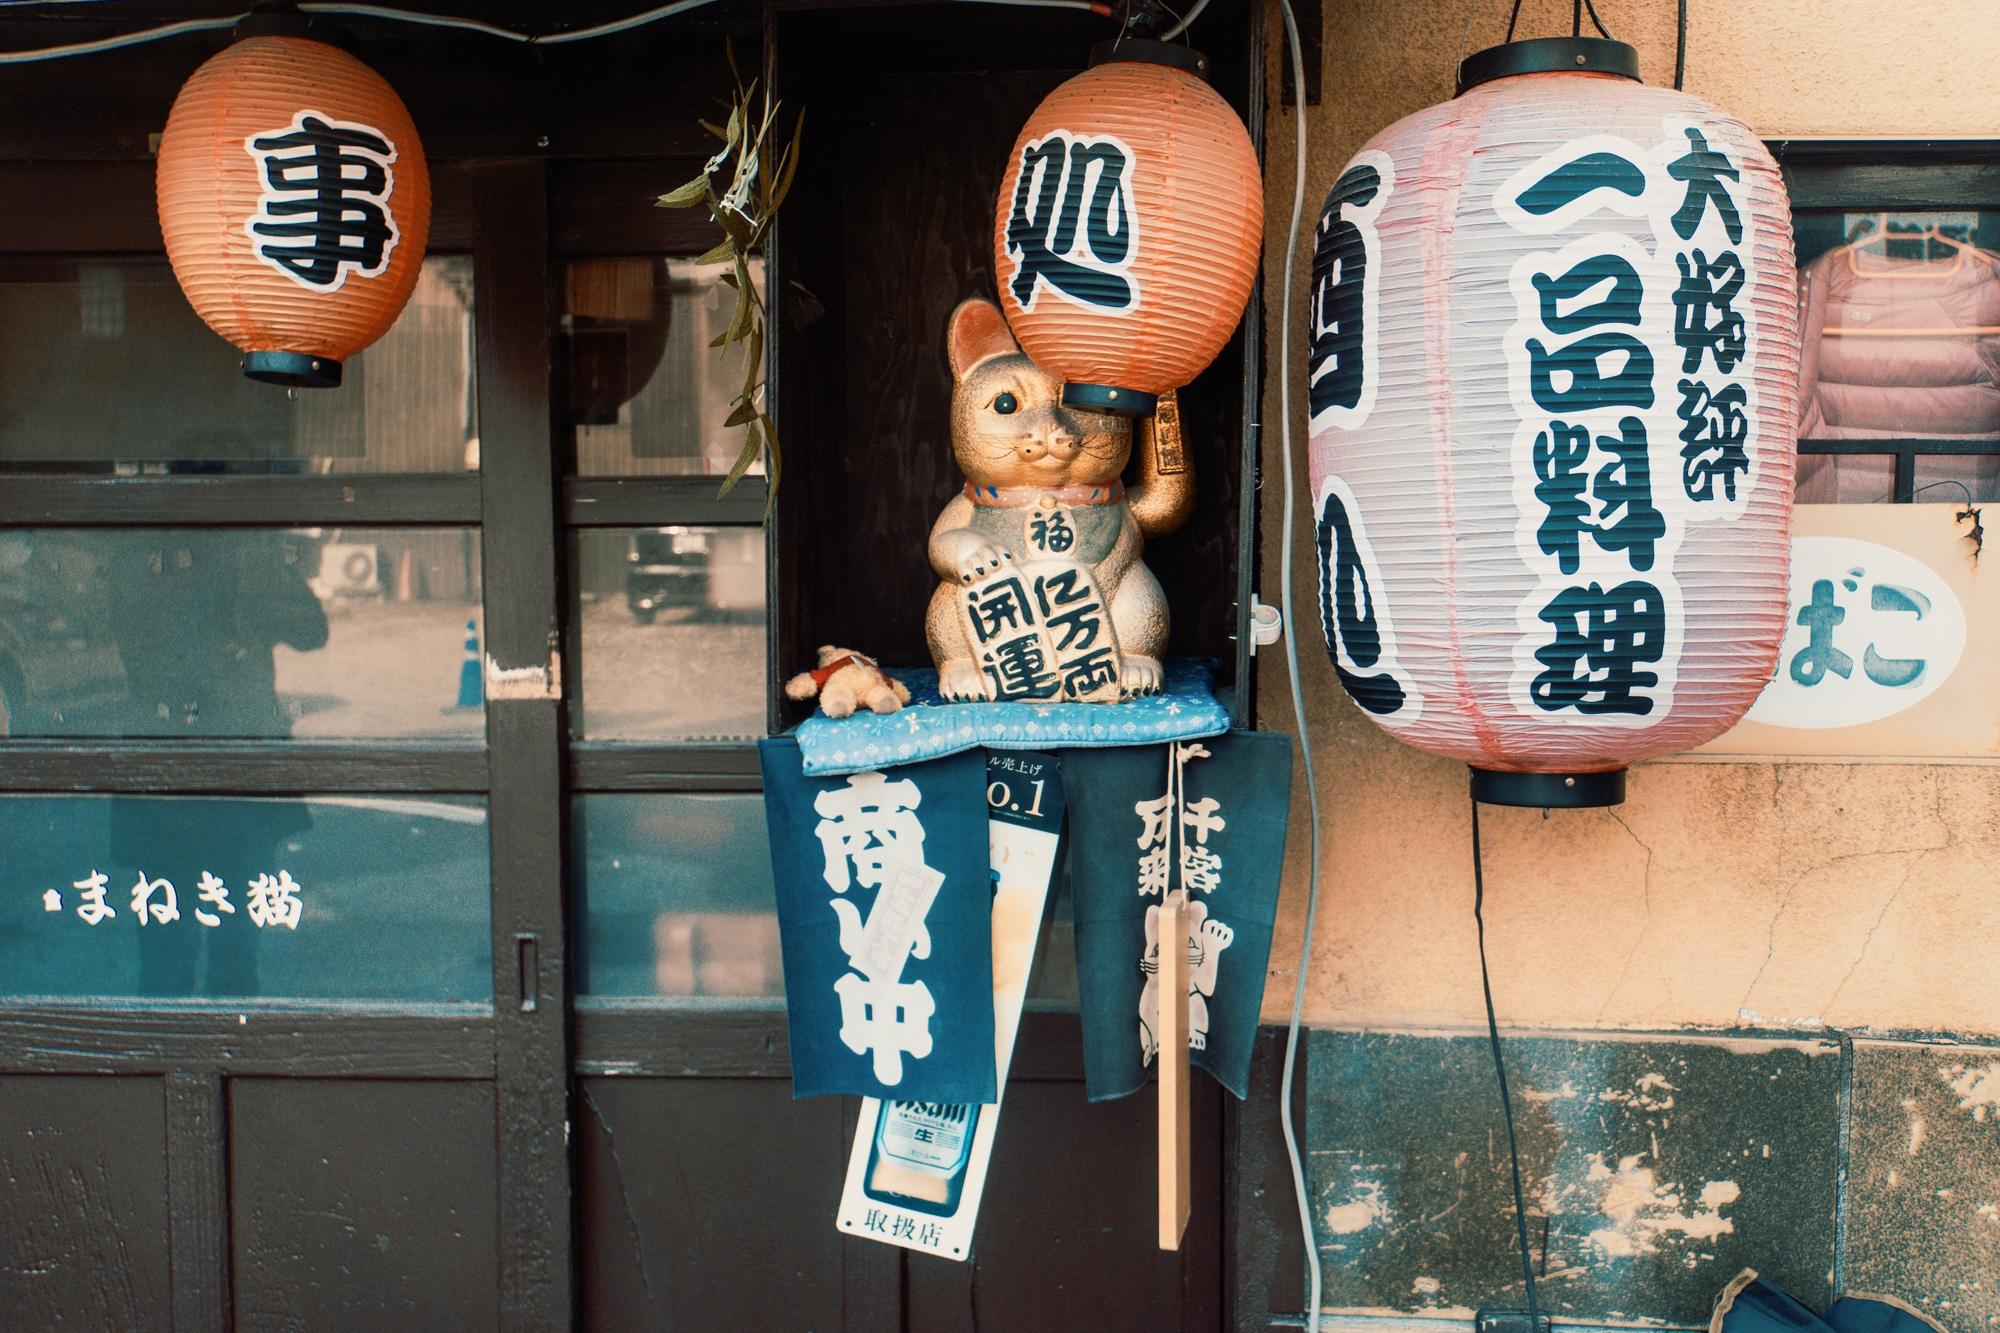 Kyushu Rundreise: Reisetipps, Onsen und Highlights in Japans Süden - Beppu Onsen